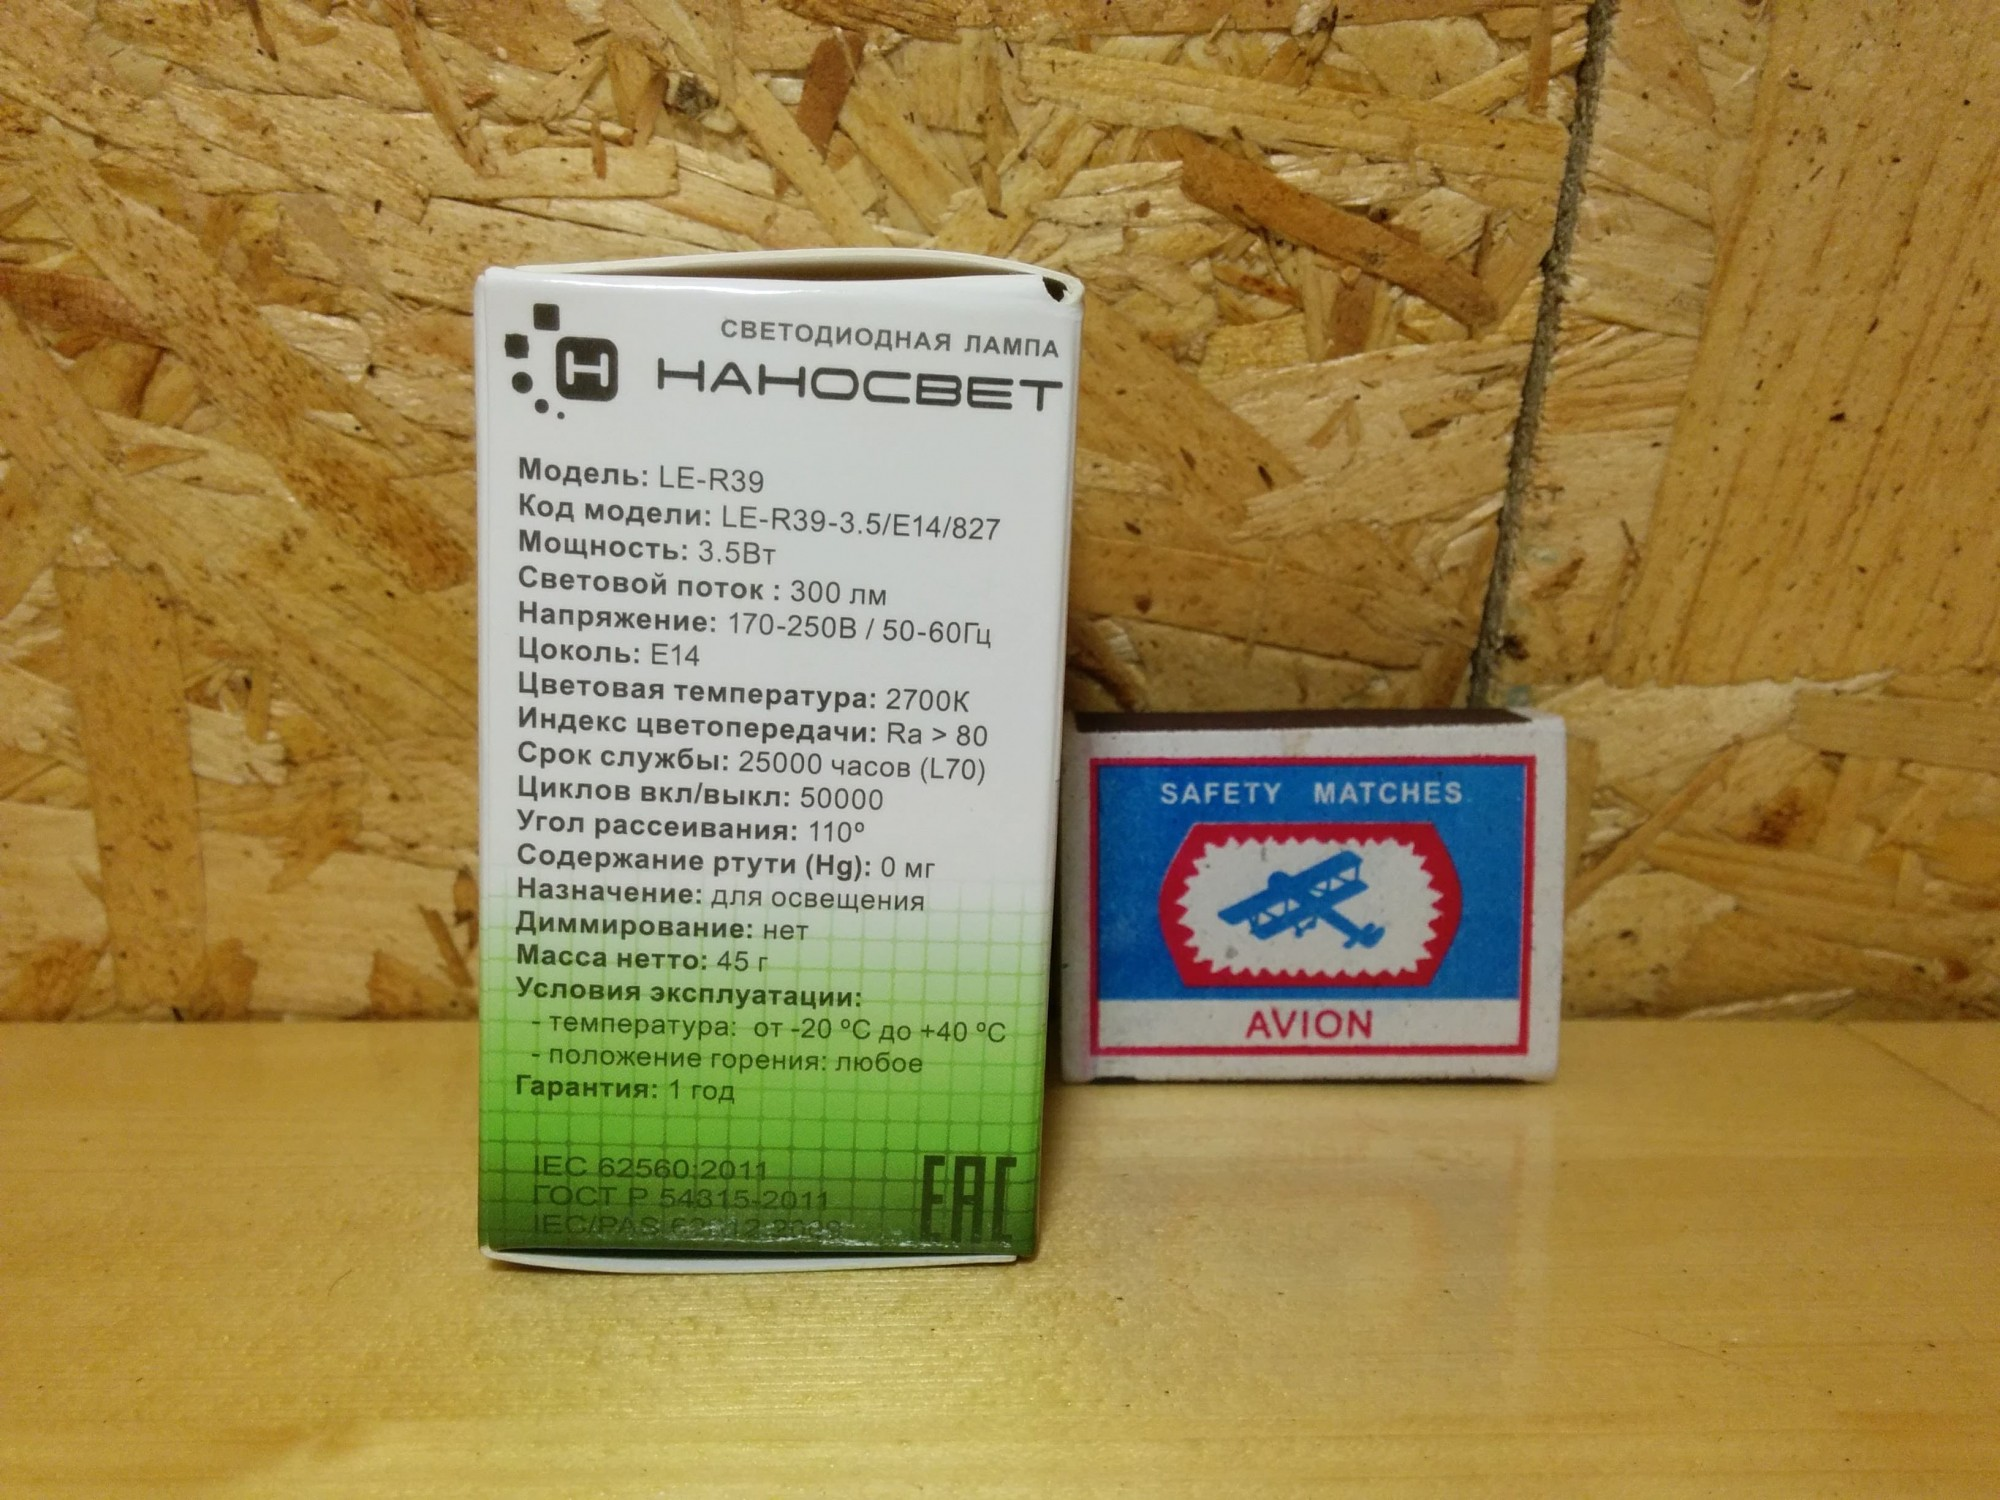 НАНОСВЕТ LE-R39-3.5/E14/827 характеристики